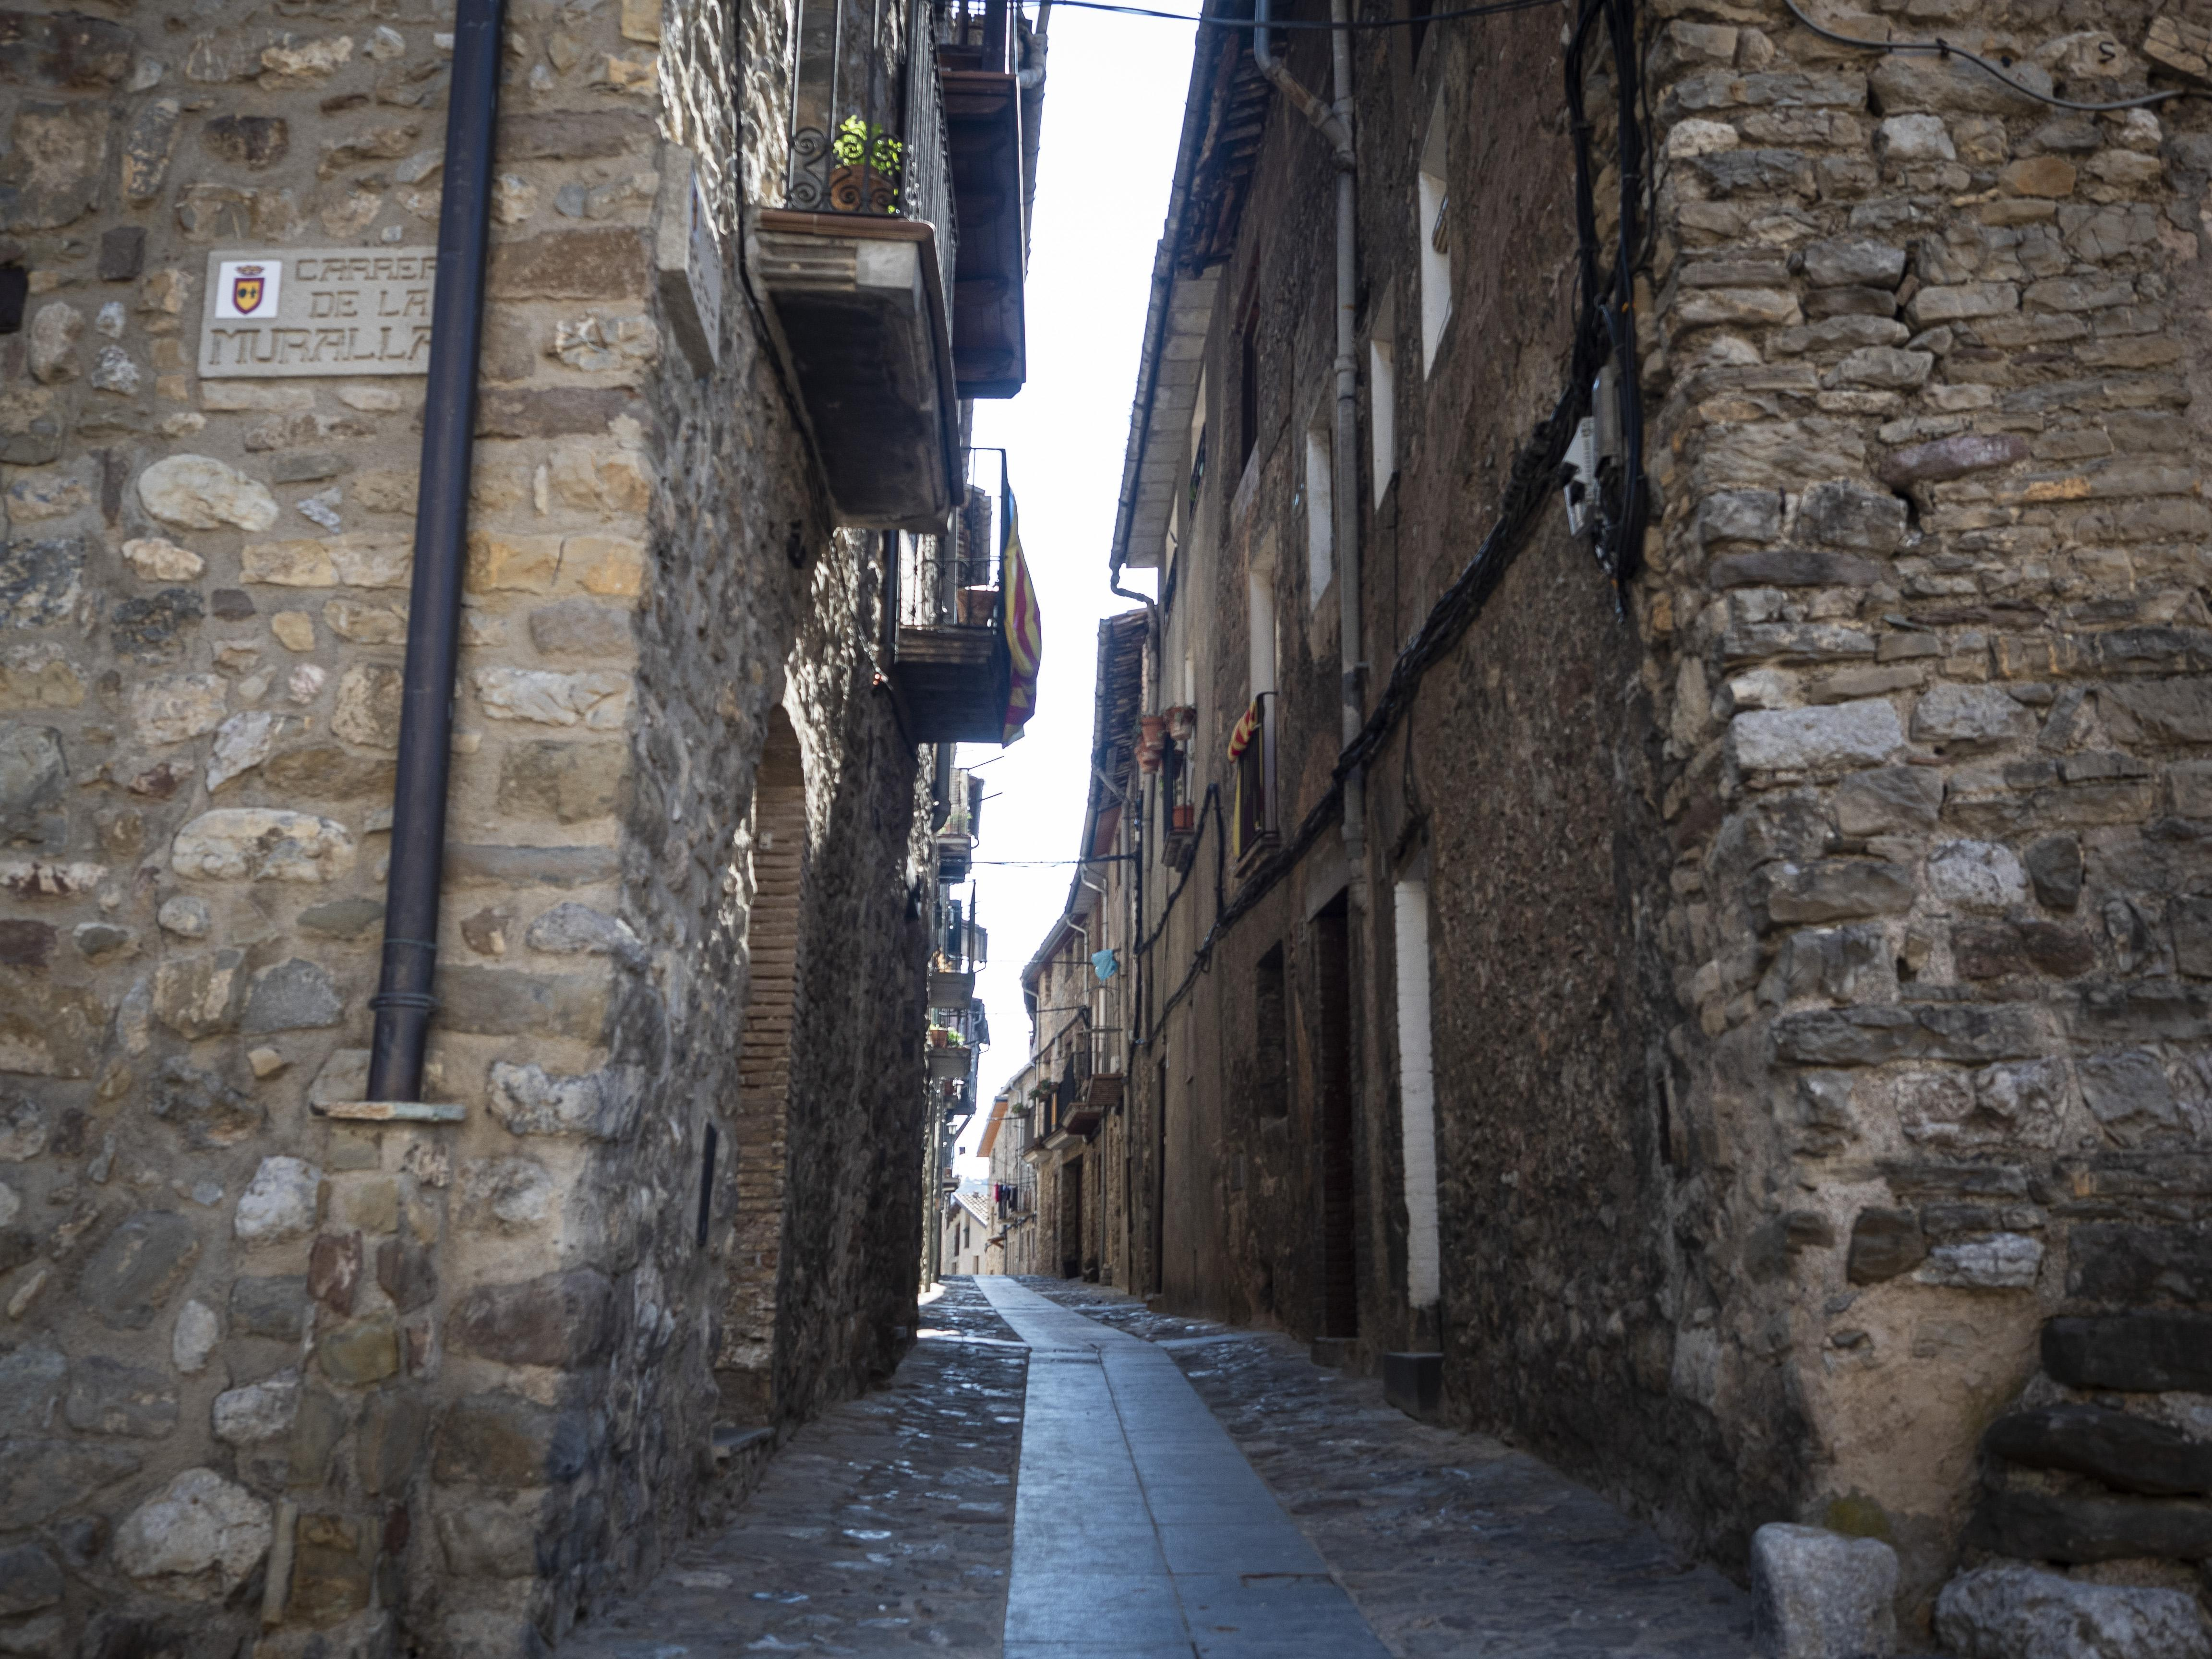 Bagà, una vila medieval 16. FOTO: Anna E. Puig